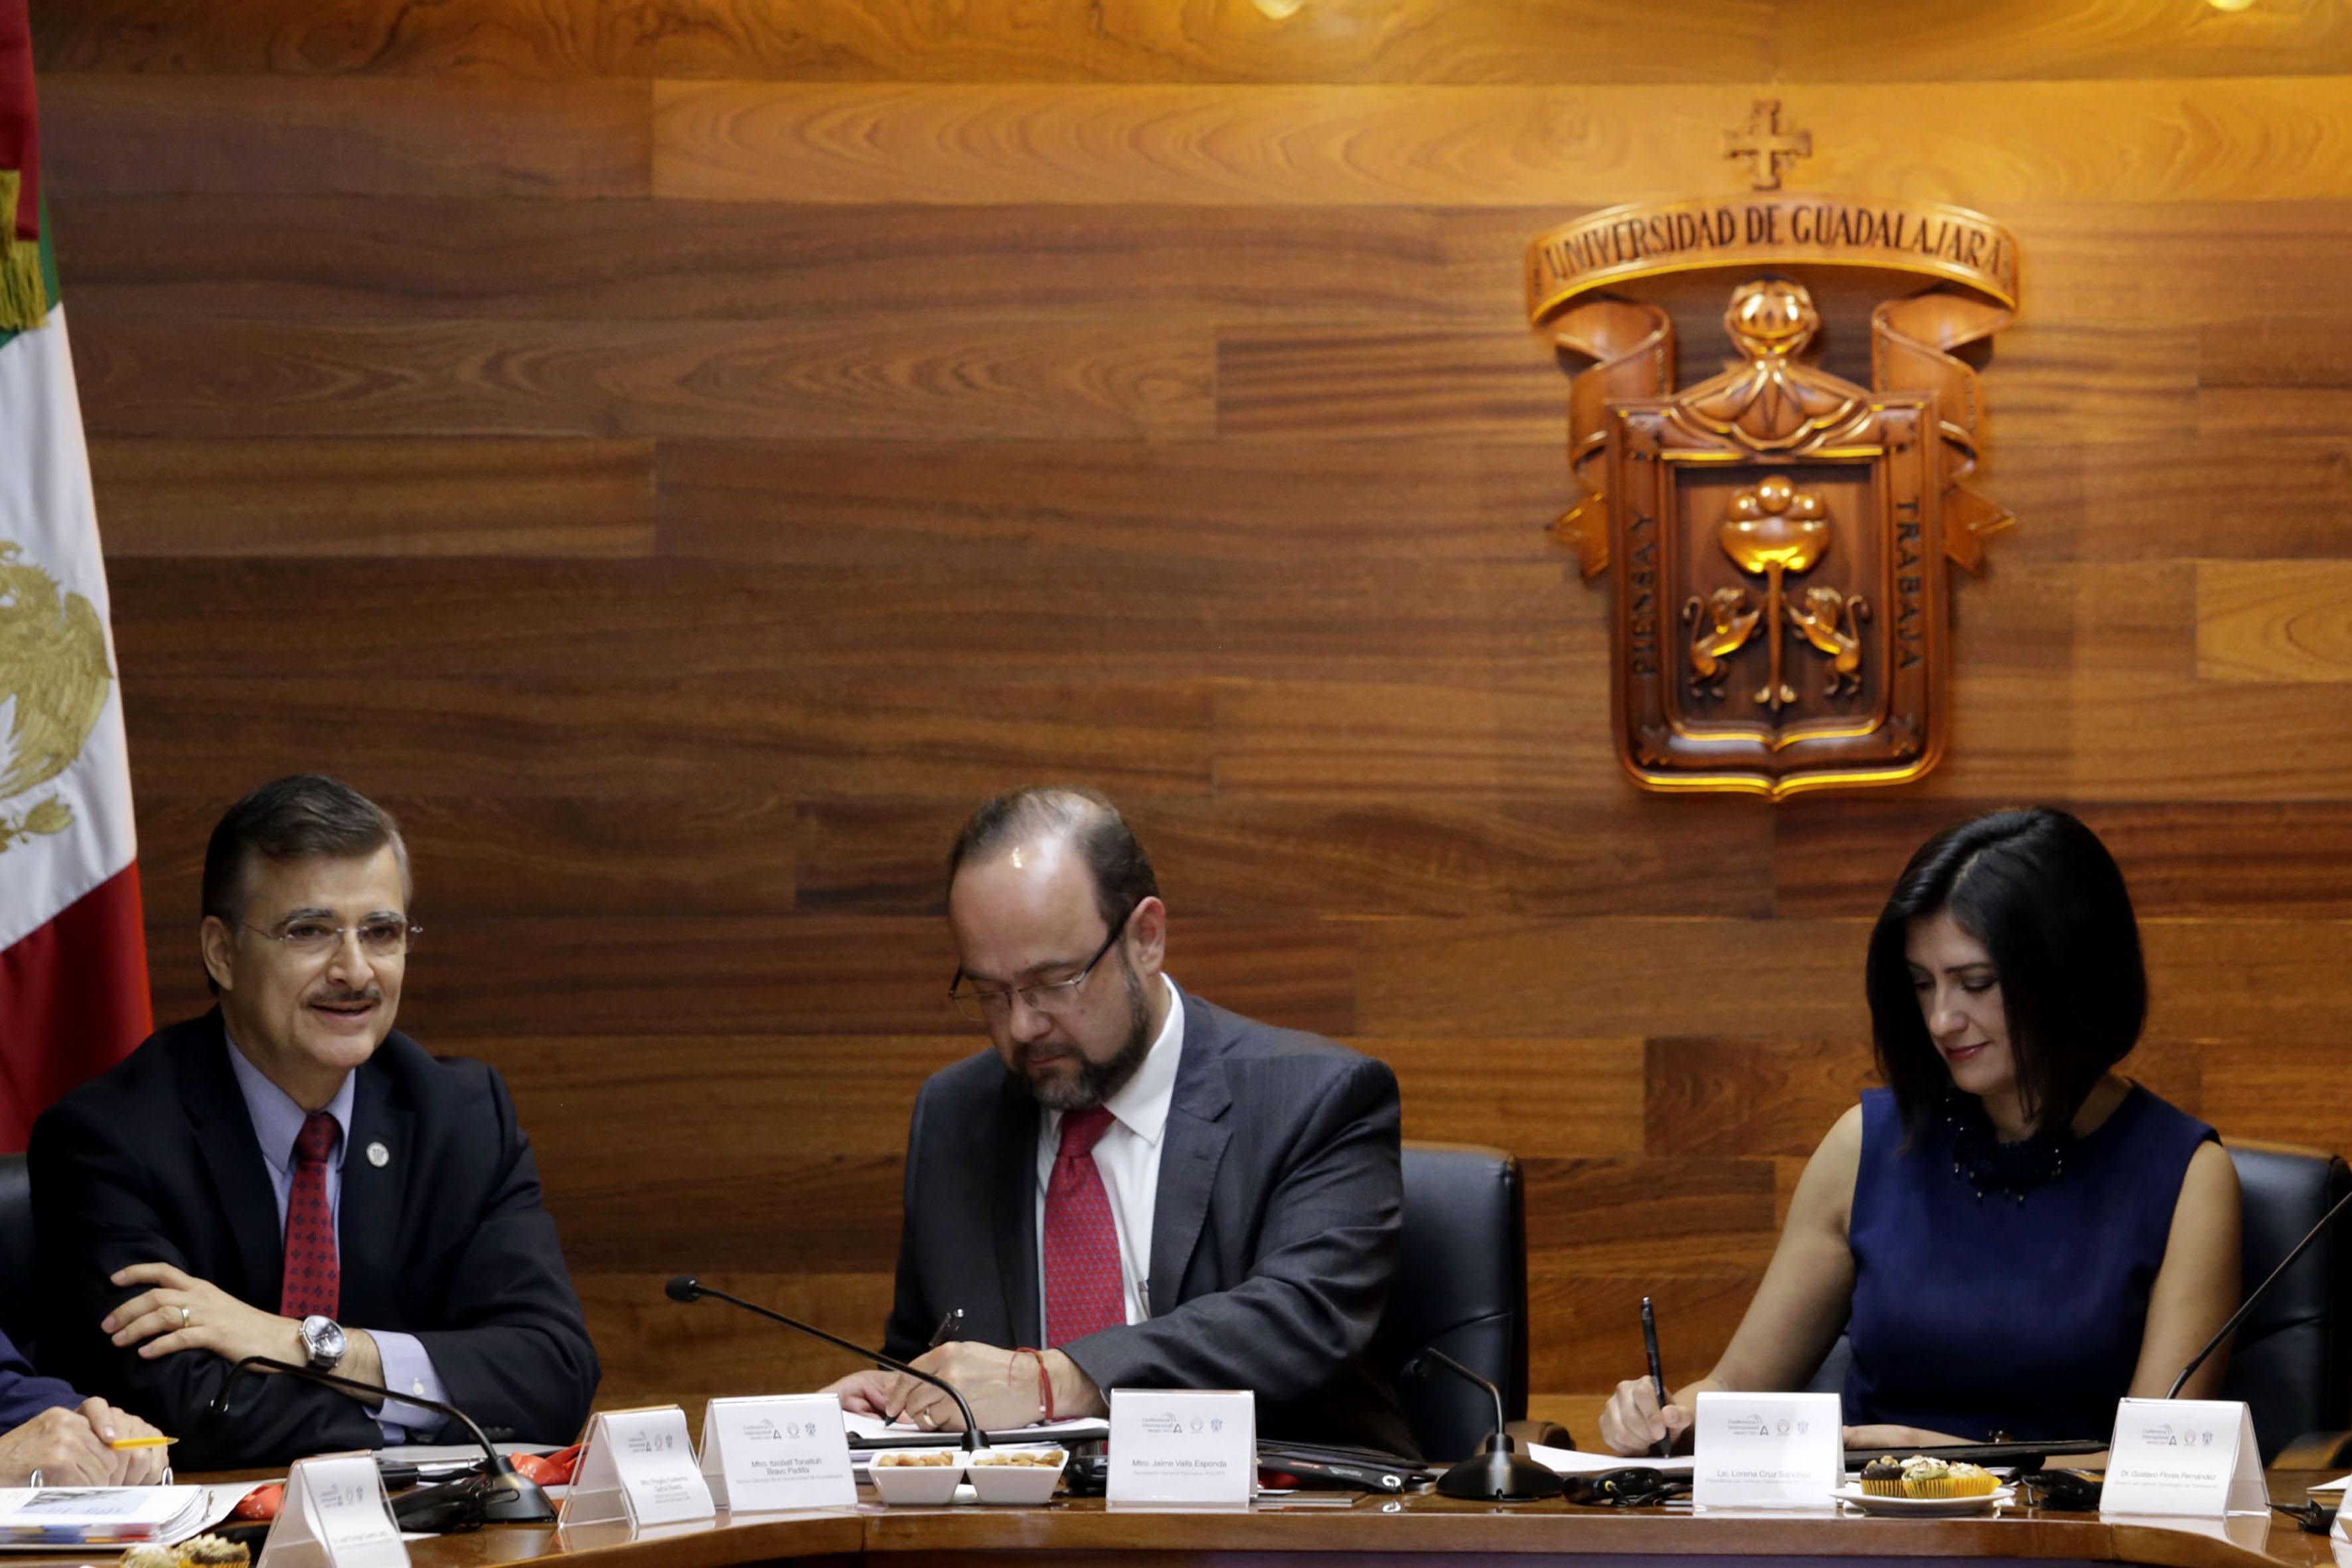 Secretario General Ejecutivo de la ANUIES, maestro Jaime Valls Esponda y la titular del INM, licenciada Lorena Cruz Sánchez, firmando el convenio